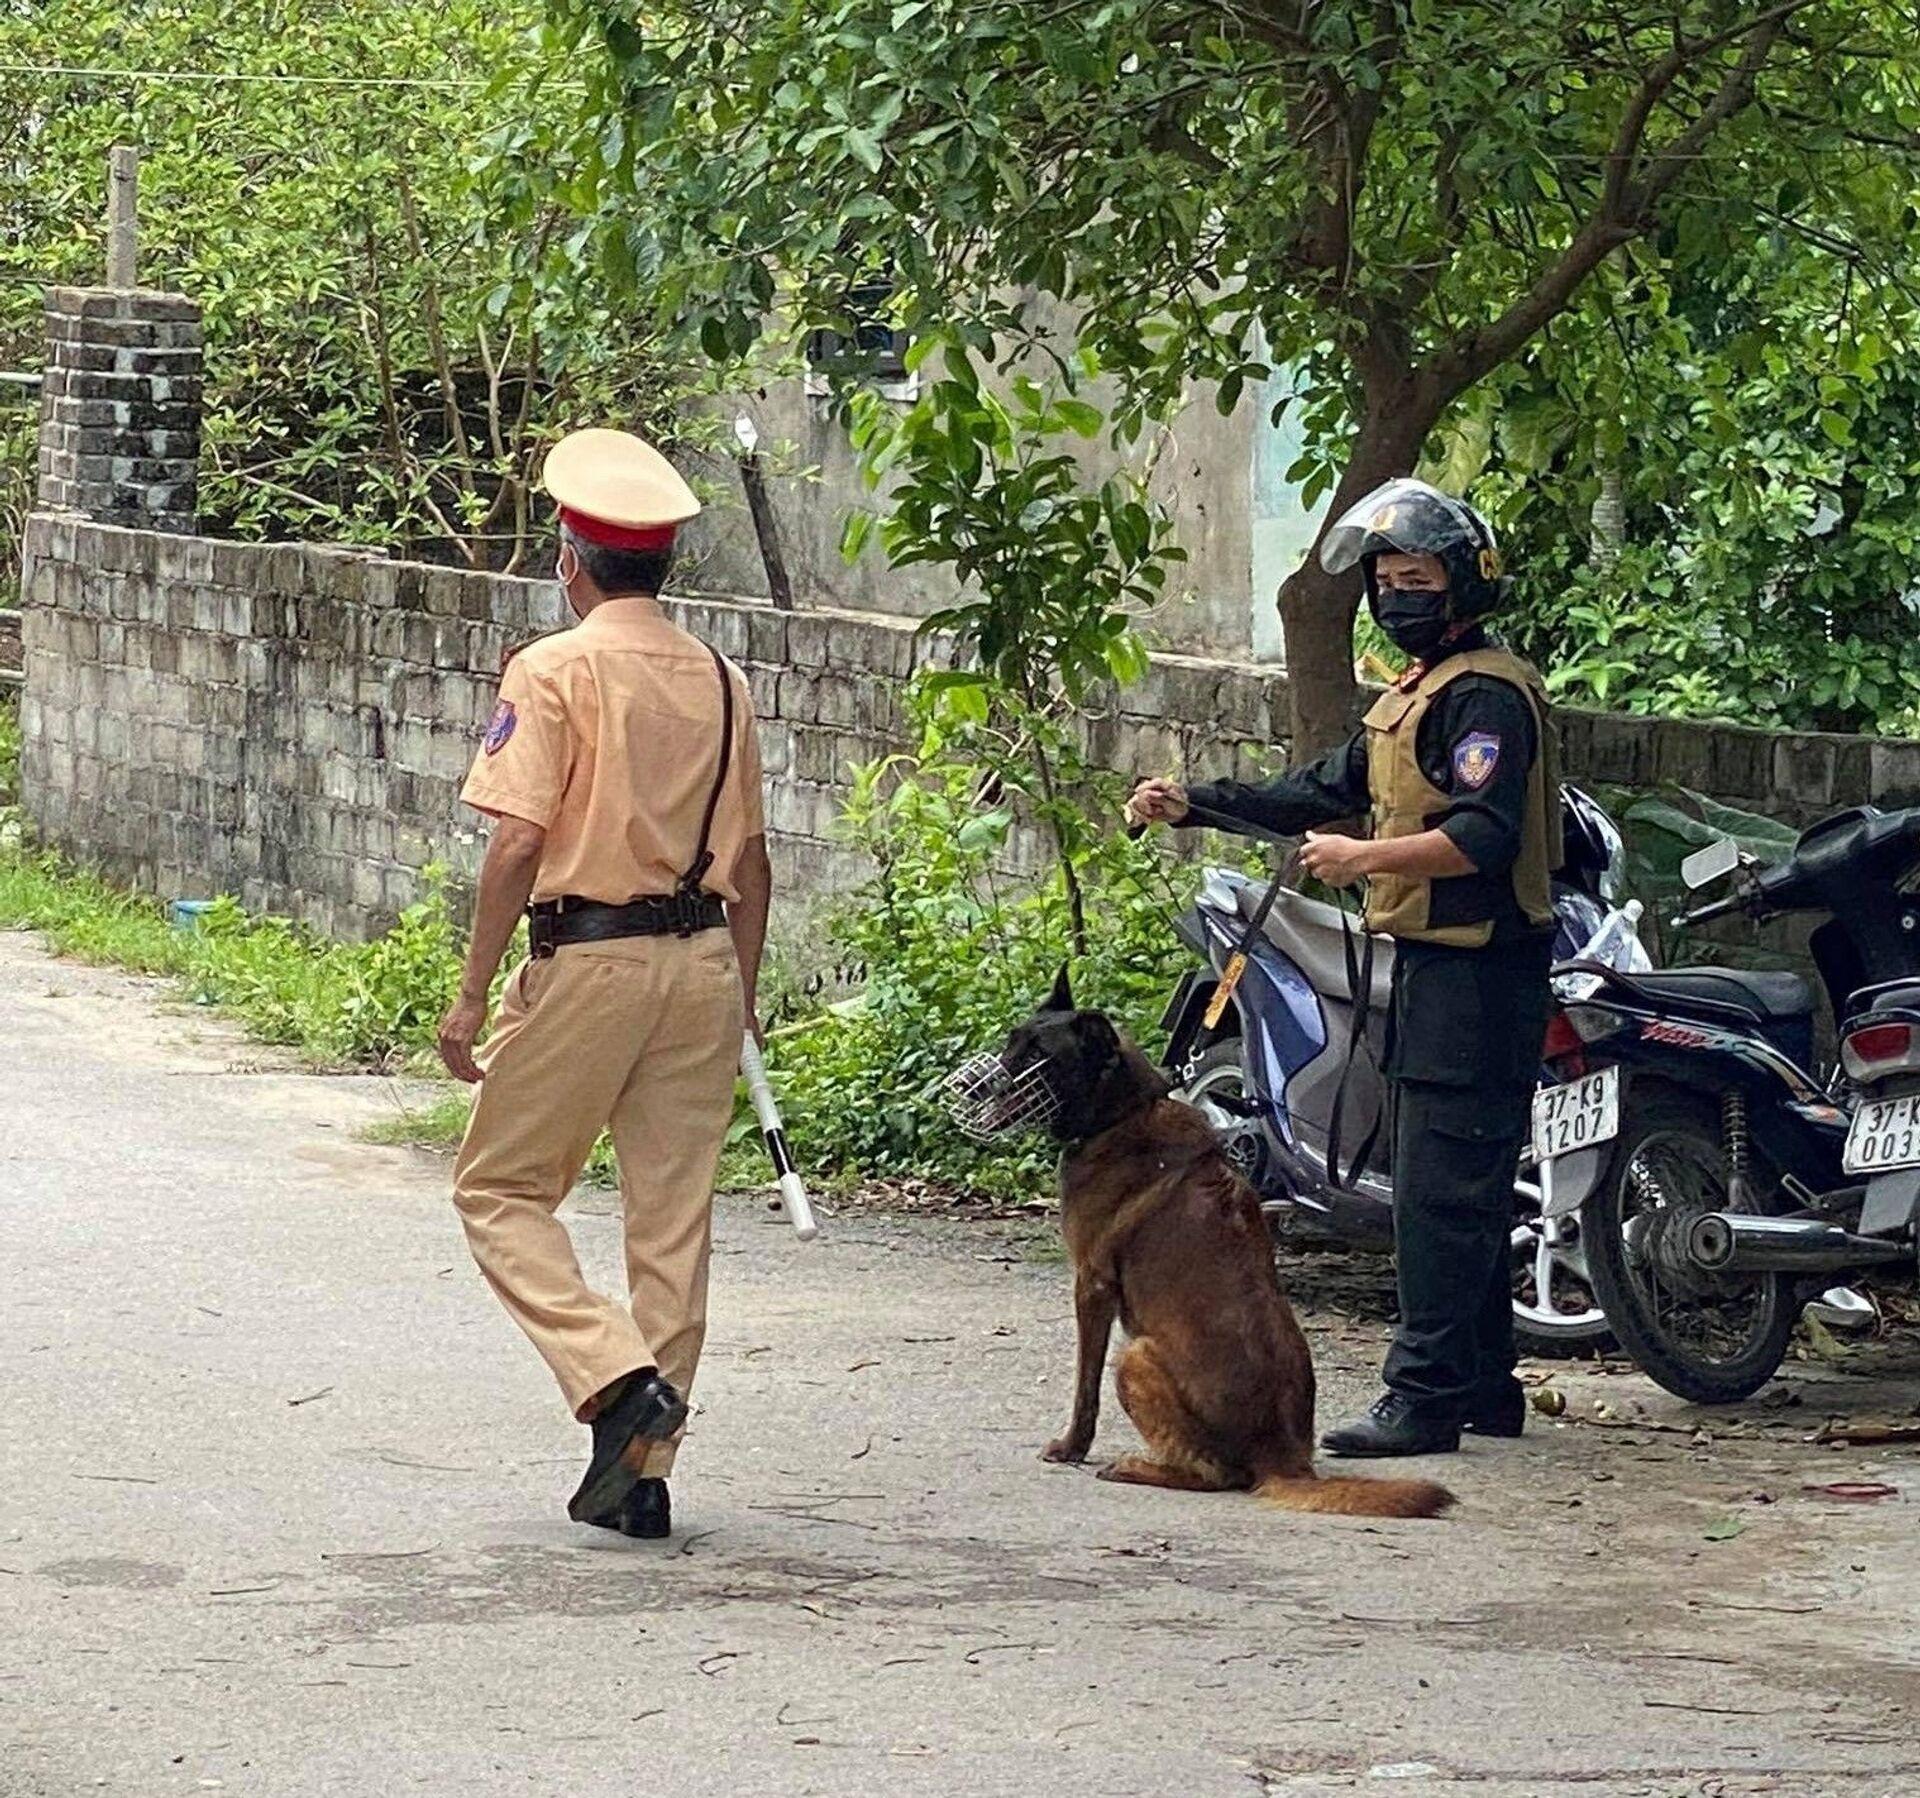 Công an Nghệ An đã bắt được nghi phạm nổ súng bắn chết 2 người ở Nghệ An - Sputnik Việt Nam, 1920, 30.04.2021